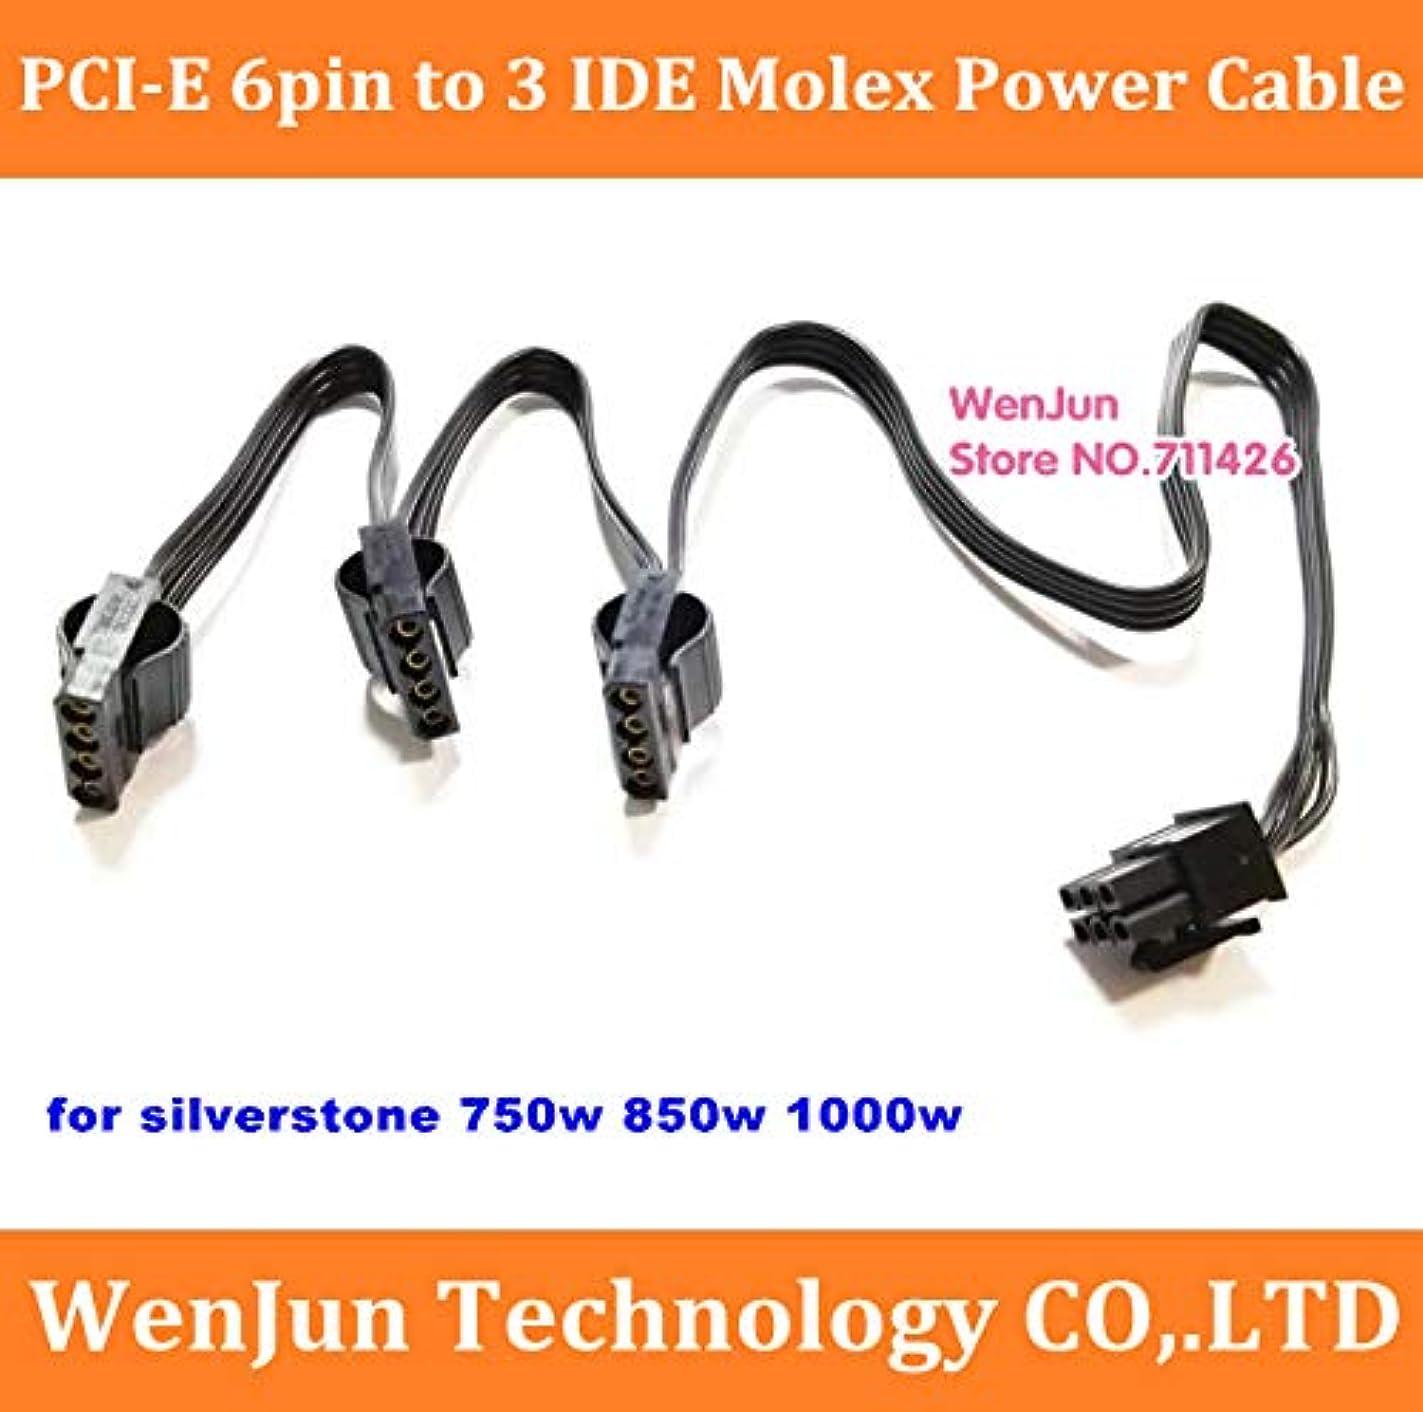 霊近所の眼Yoton コンピューターケーブル PCI-E 6ピン オス 1-3 IDE モレックス 4ピン モジュラー電源アダプターケーブル シルバーストーン 750w 850w 1000wシリーズ用 YTN-395DBA719F6AF17E2DC8E17D756310FE